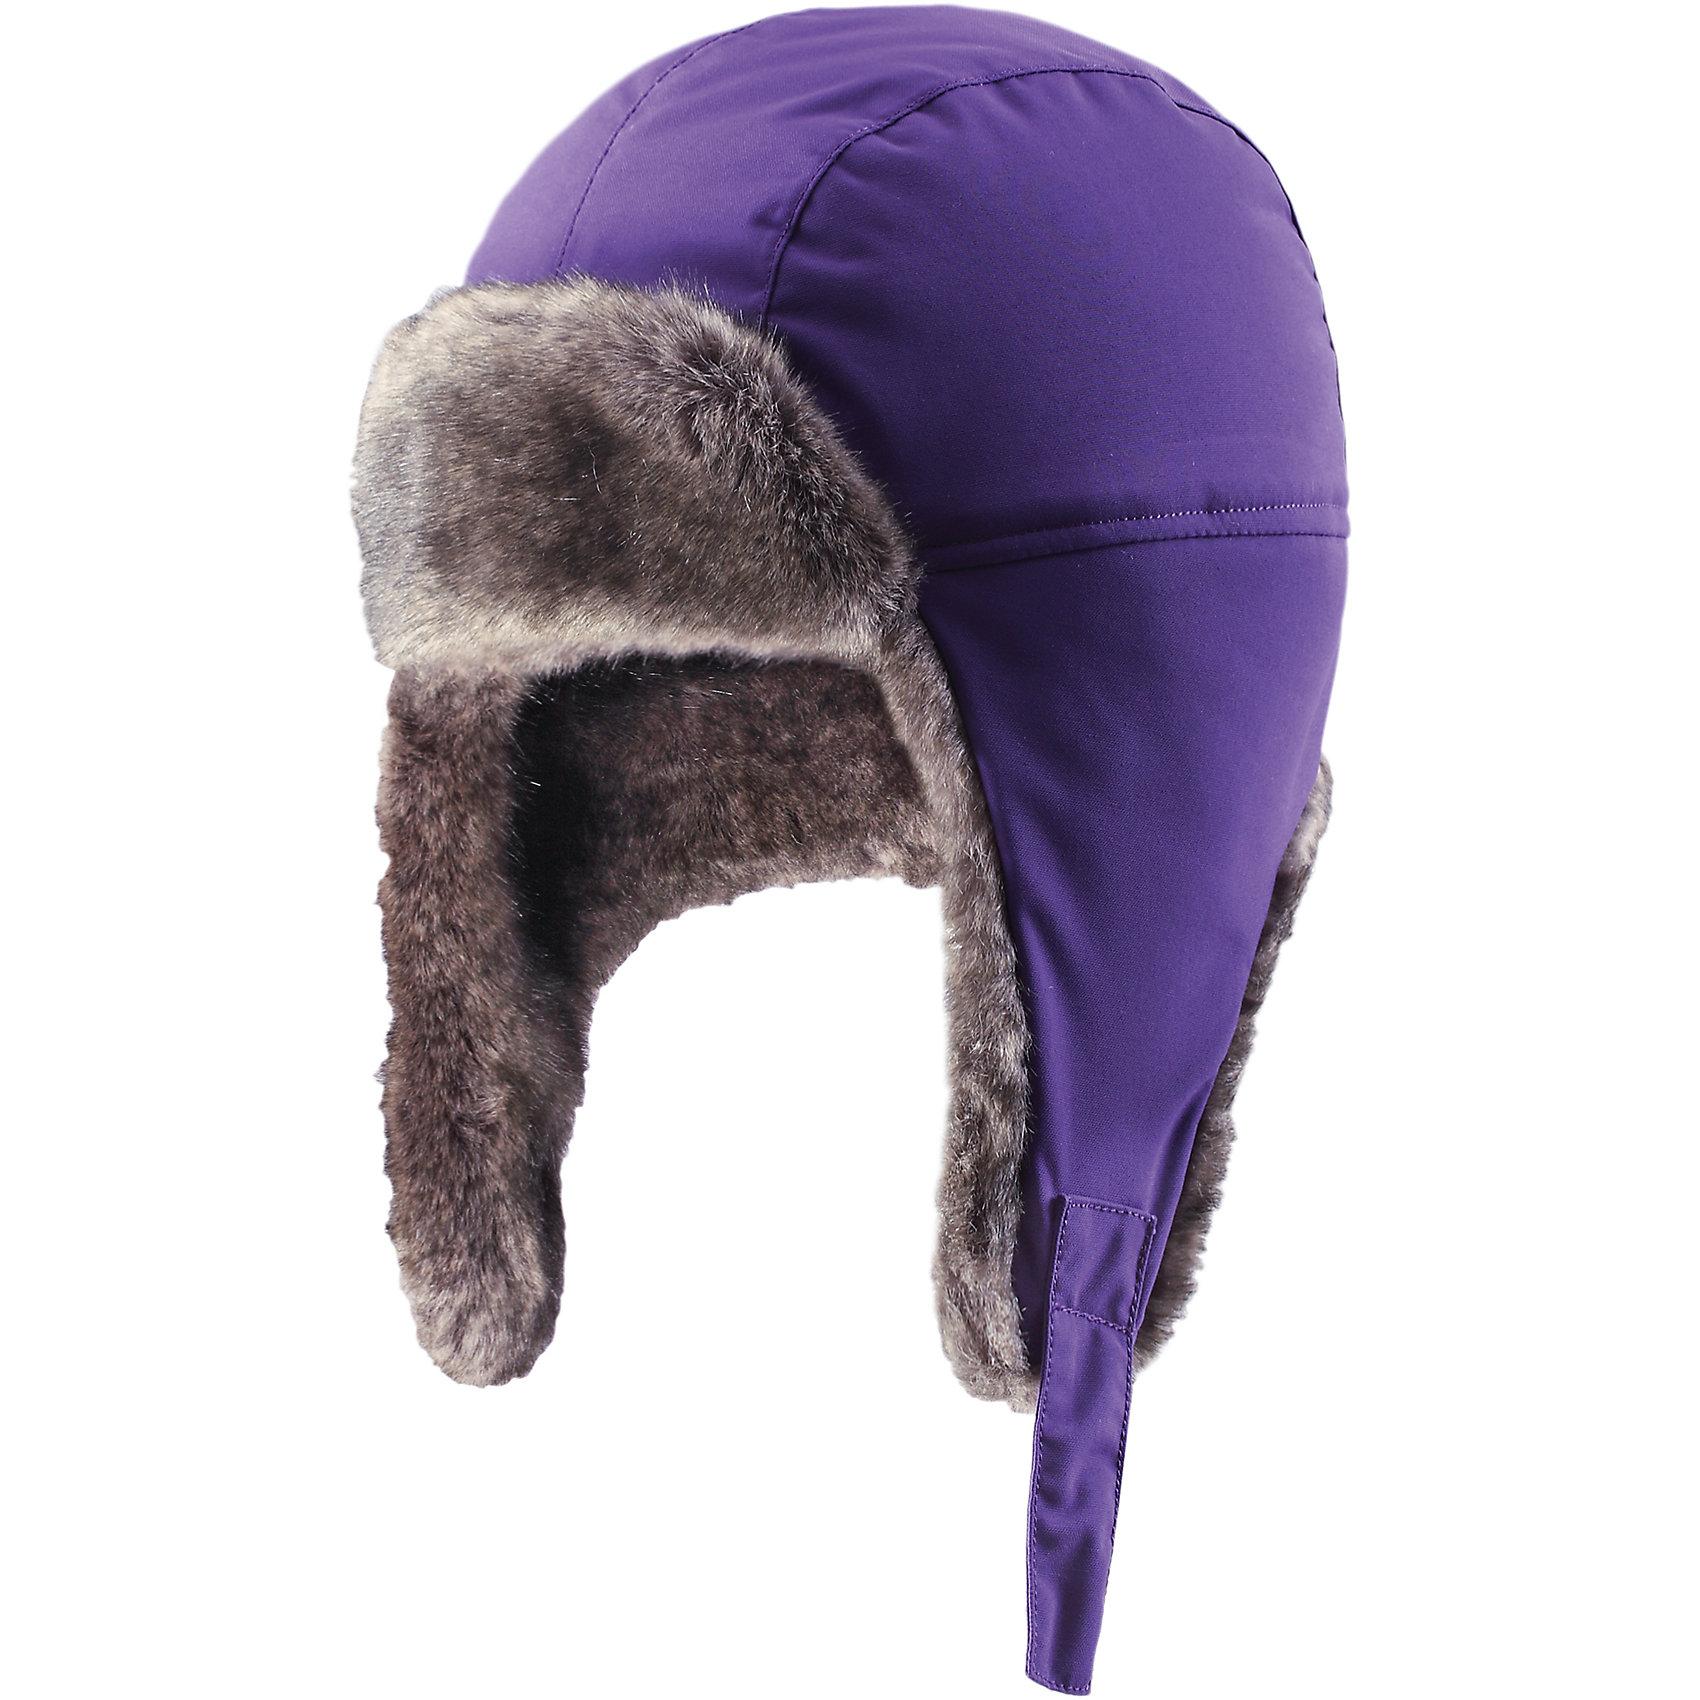 Шапка для девочки ReimaДля всех подвижных и весёлых игр нужна красивая одежда! Эта шапка для малышей и детей постарше - лучший выбор для холодной и ветреной зимней погоды. Она очень тёплая и защитит в любую погоду, поэтому подходит для самых активных искателей приключений, которые не боятся внезапной метели. Шапка сделана из ветро- и водонепроницаемого материала и в то же время пропускает воздух. Все швы проклеены, поэтому голова останется сухой и будет хорошо защищена. Очень мягкая подкладка с начёсом создаёт стильный образ! Удобная застёжка на кнопке, благодаря которой шапка прочно держится на голове. Кроме того, сзади имеется светоотражающий логотип компании Reima, который обеспечивает видимость в темноте.<br><br>Зимняя шапка для детей и подростков. Подходит для очень плохой погоды<br>Прочный ветро- и водонепроницаемый материал<br>Все швы проклеены для водонепроницаемости<br>Утеплитель 100 г<br>Полностью на подкладке: Мягкая вязаная из полиэстера с начёсом<br>Застёгивается на кнопку<br><br>Состав:<br>100% ПА, ПУ-покрытие<br>Средняя степень утепления (до - 20)<br><br>Шапку Reima (Рейма) можно купить в нашем магазине.<br><br>Ширина мм: 89<br>Глубина мм: 117<br>Высота мм: 44<br>Вес г: 155<br>Цвет: фиолетовый<br>Возраст от месяцев: 84<br>Возраст до месяцев: 96<br>Пол: Женский<br>Возраст: Детский<br>Размер: 58,48,54,50,56,52<br>SKU: 4210408